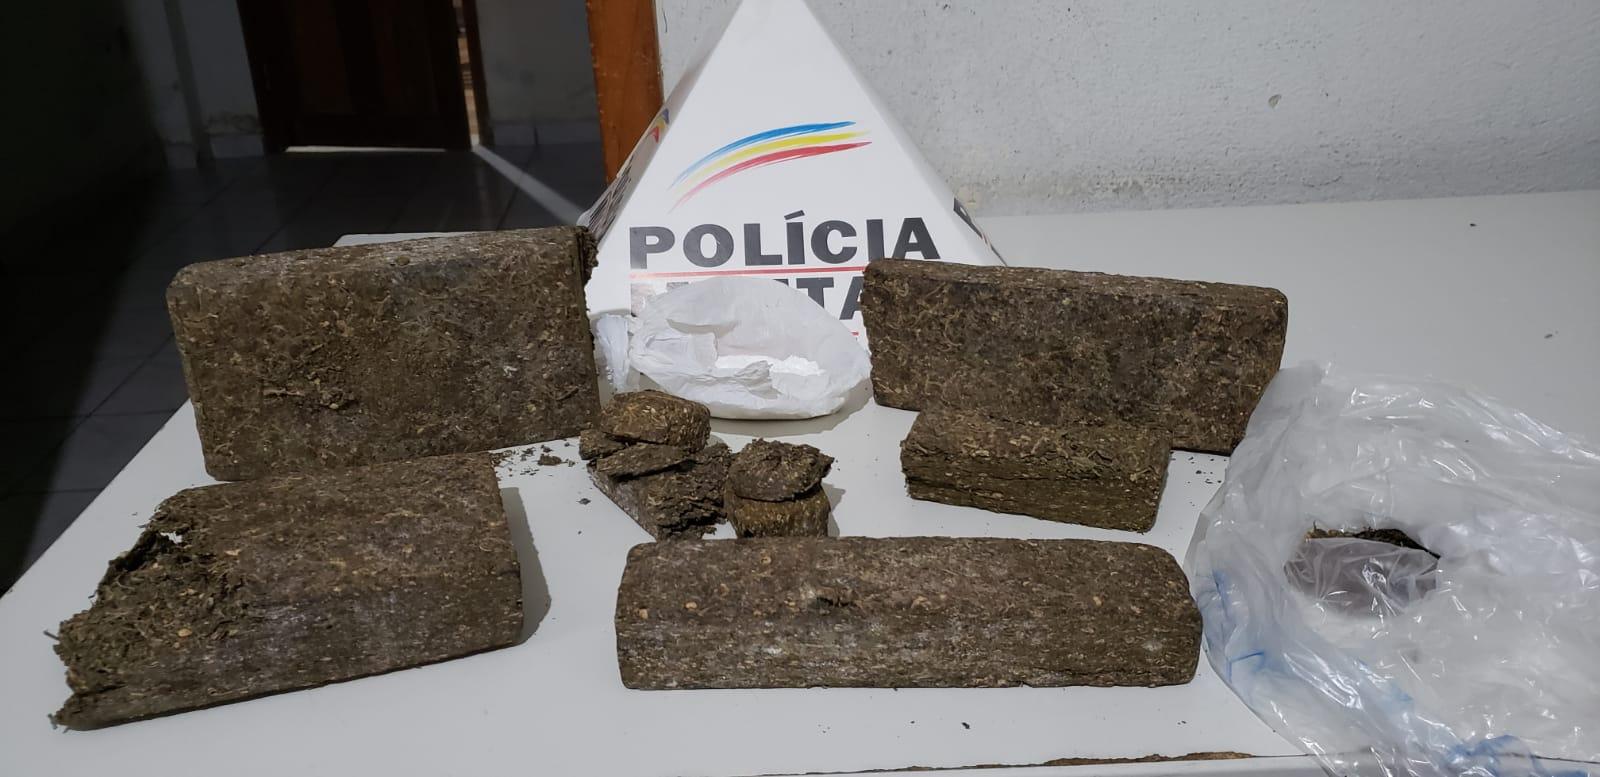 2KG DE MACONHA E 27 GRAMAS DE COCAÍNA SÃO APREENDIDAS PELA PM COM ADOLESCENTE NA RODOVIÁRIA DE CONSELHEIRO PENA